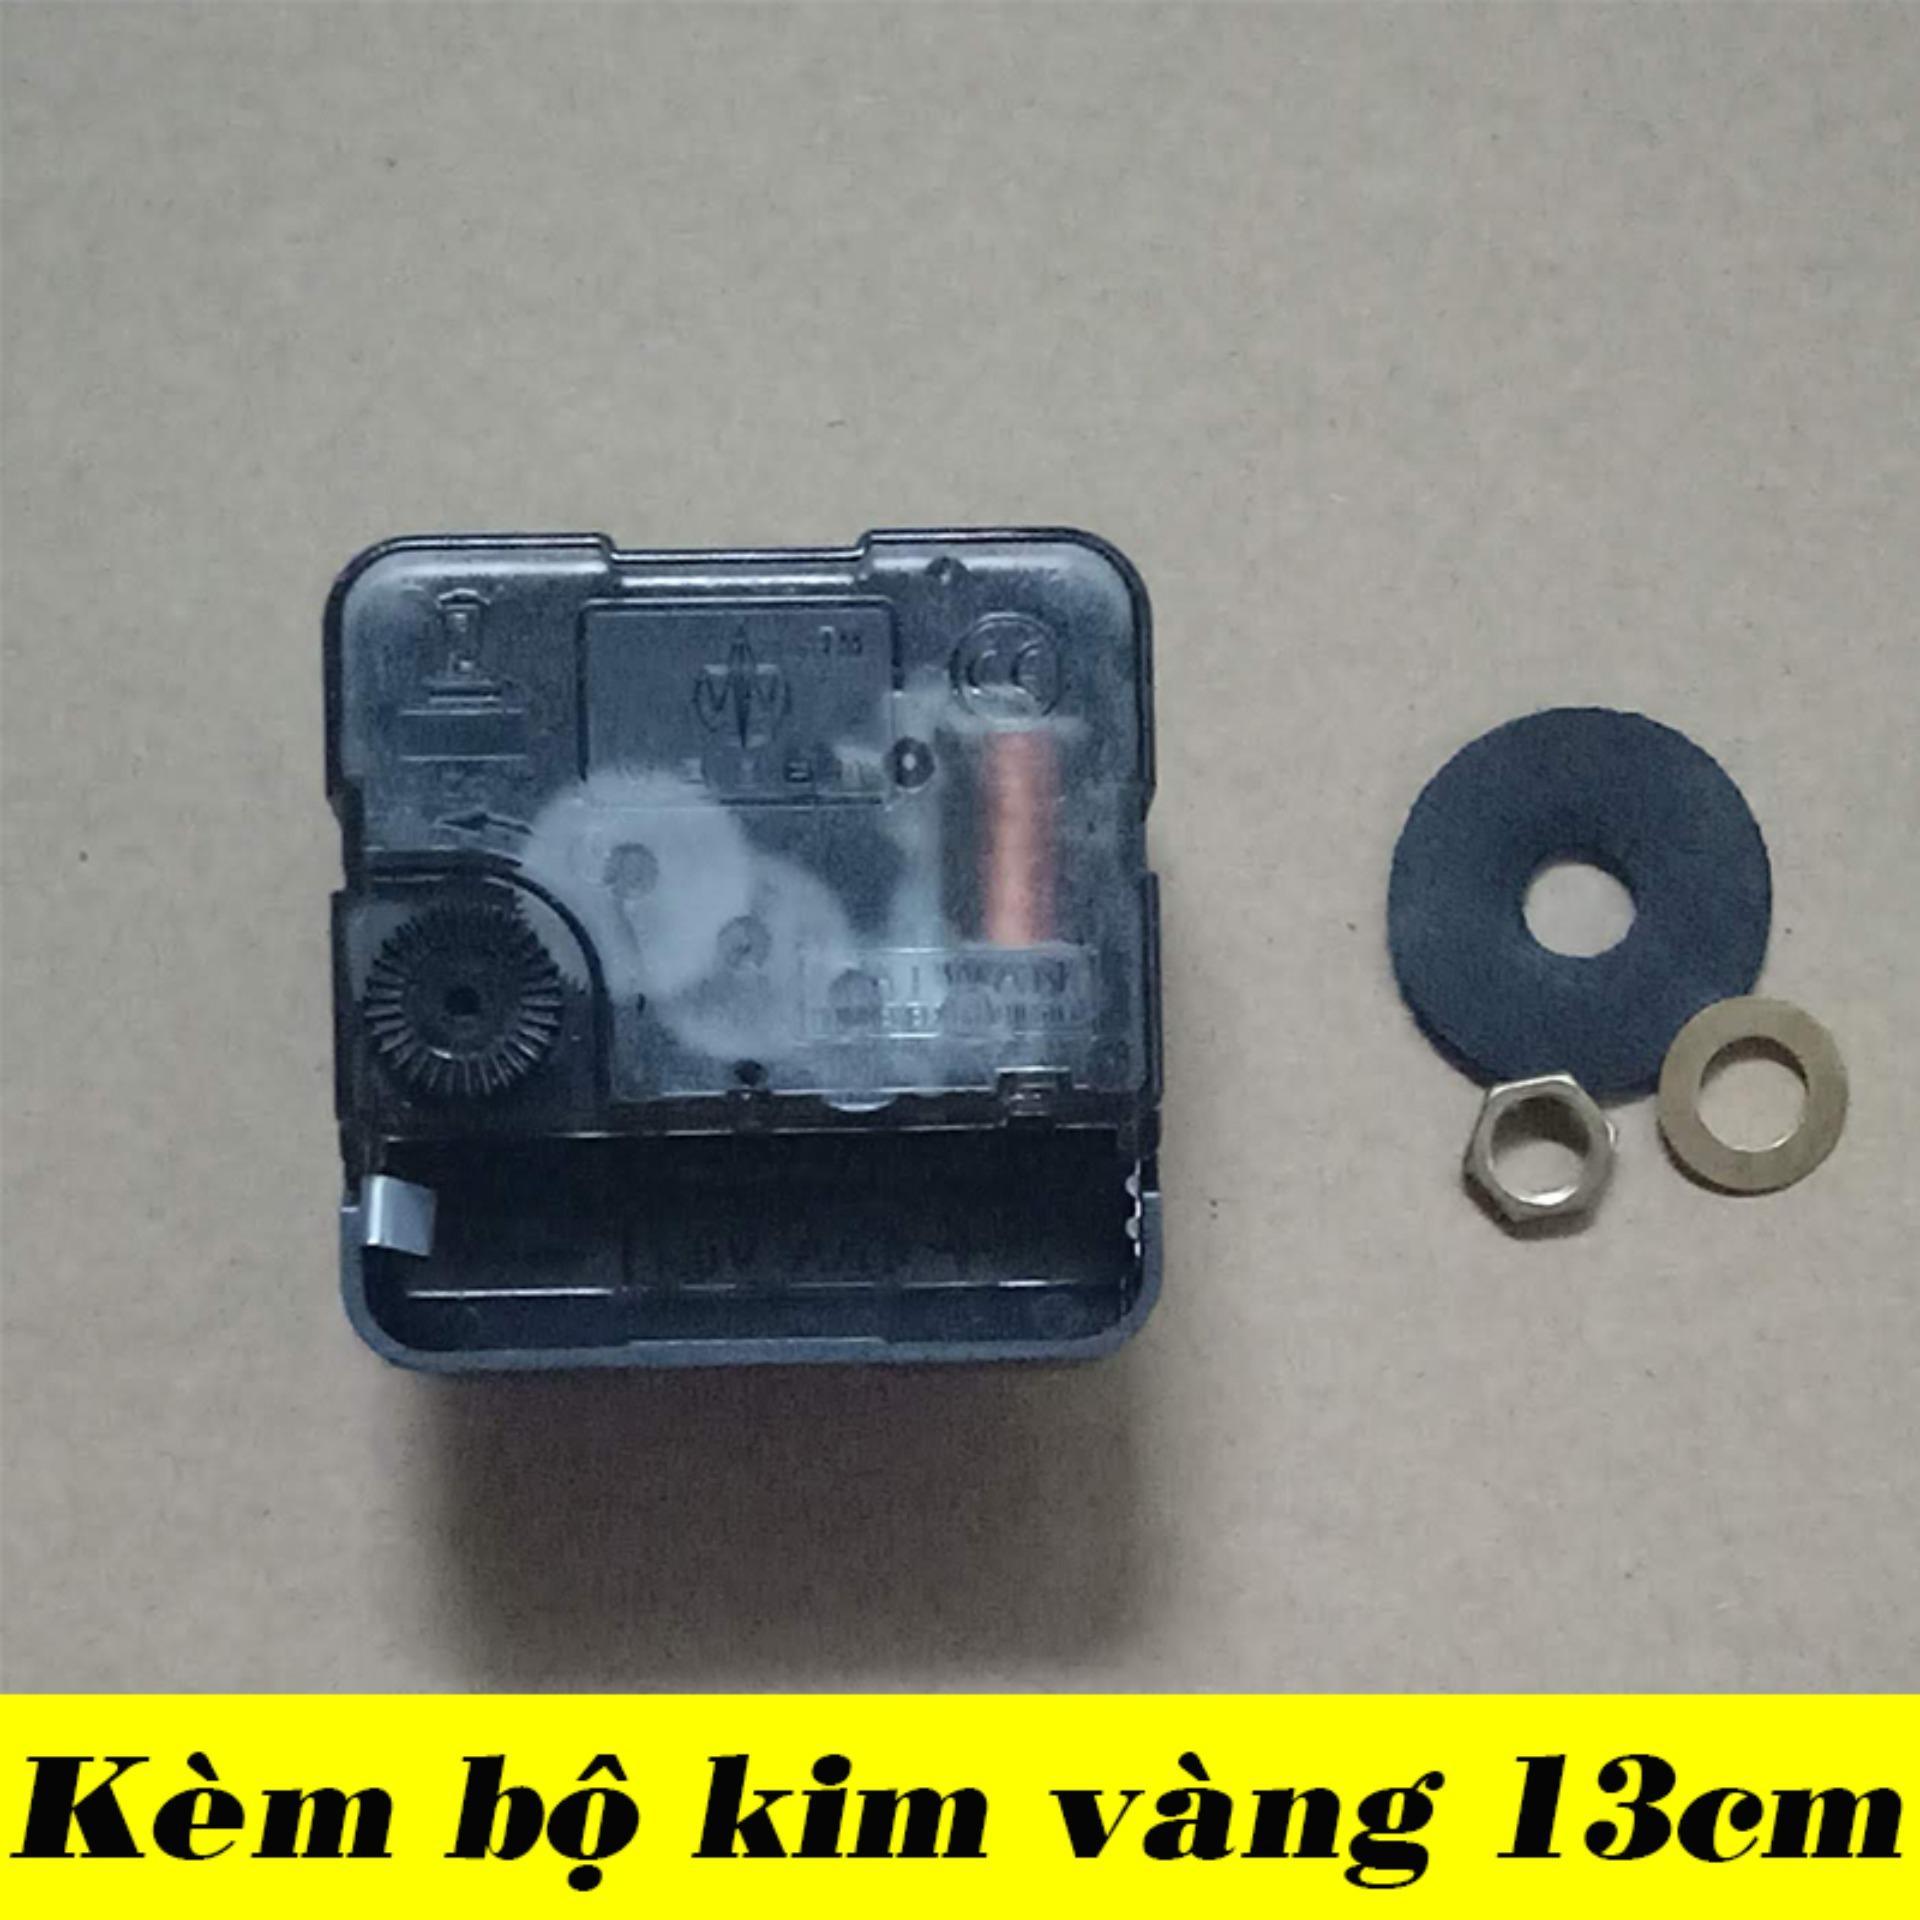 Nơi bán Bộ kim vàng 13cm và Máy đồng hồ treo tường Taiwan kim giật M3288